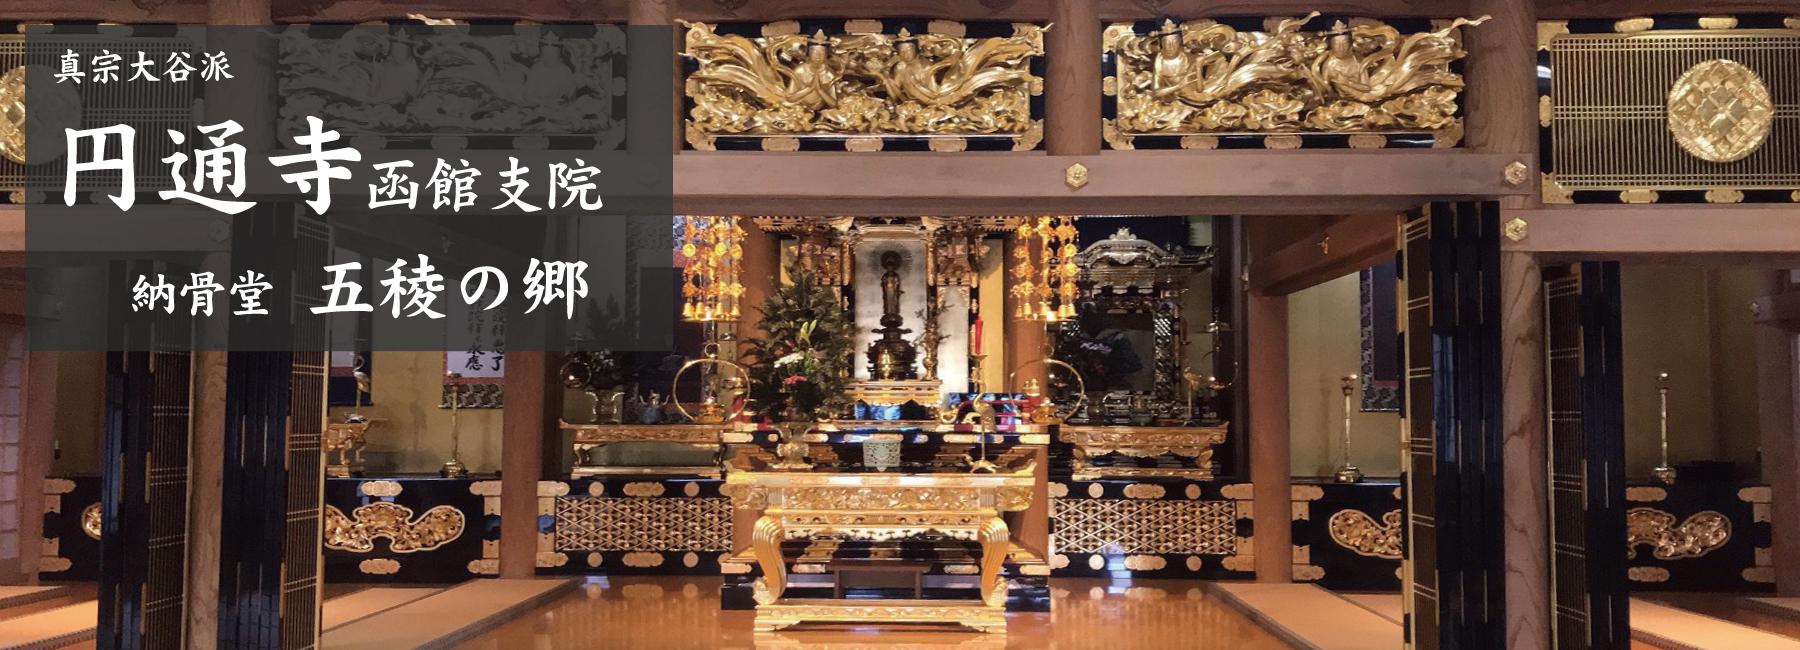 円通寺函館支院の納骨堂は道南初の屋内墓石型の納骨堂です